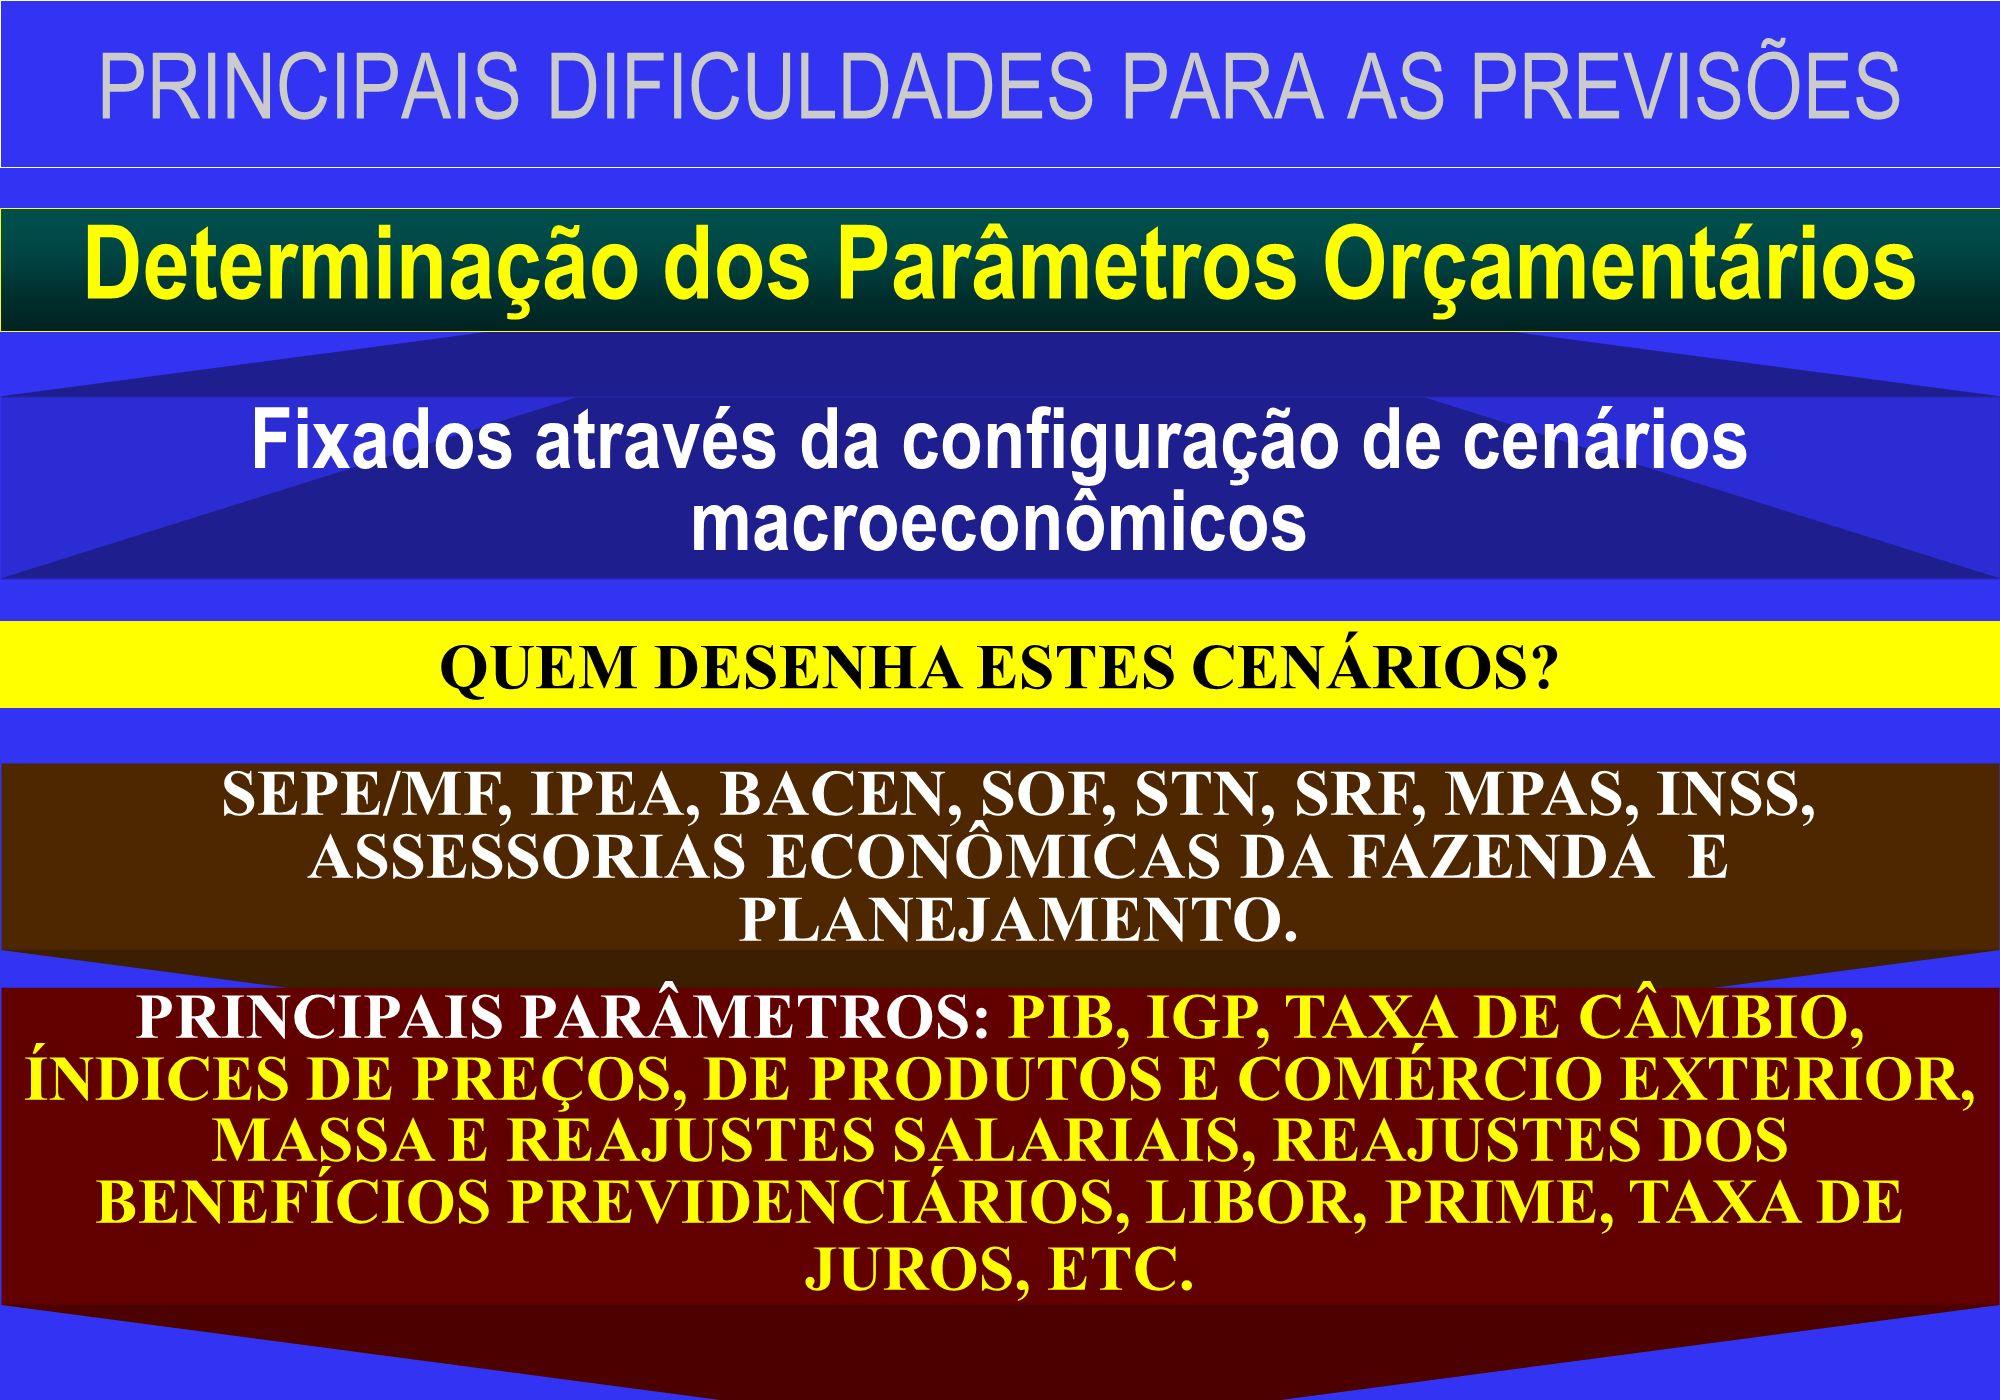 PRINCIPAIS DIFICULDADES PARA AS PREVISÕES Fixados através da configuração de cenários macroeconômicos Determinação dos Parâmetros Orçamentários SEPE/M